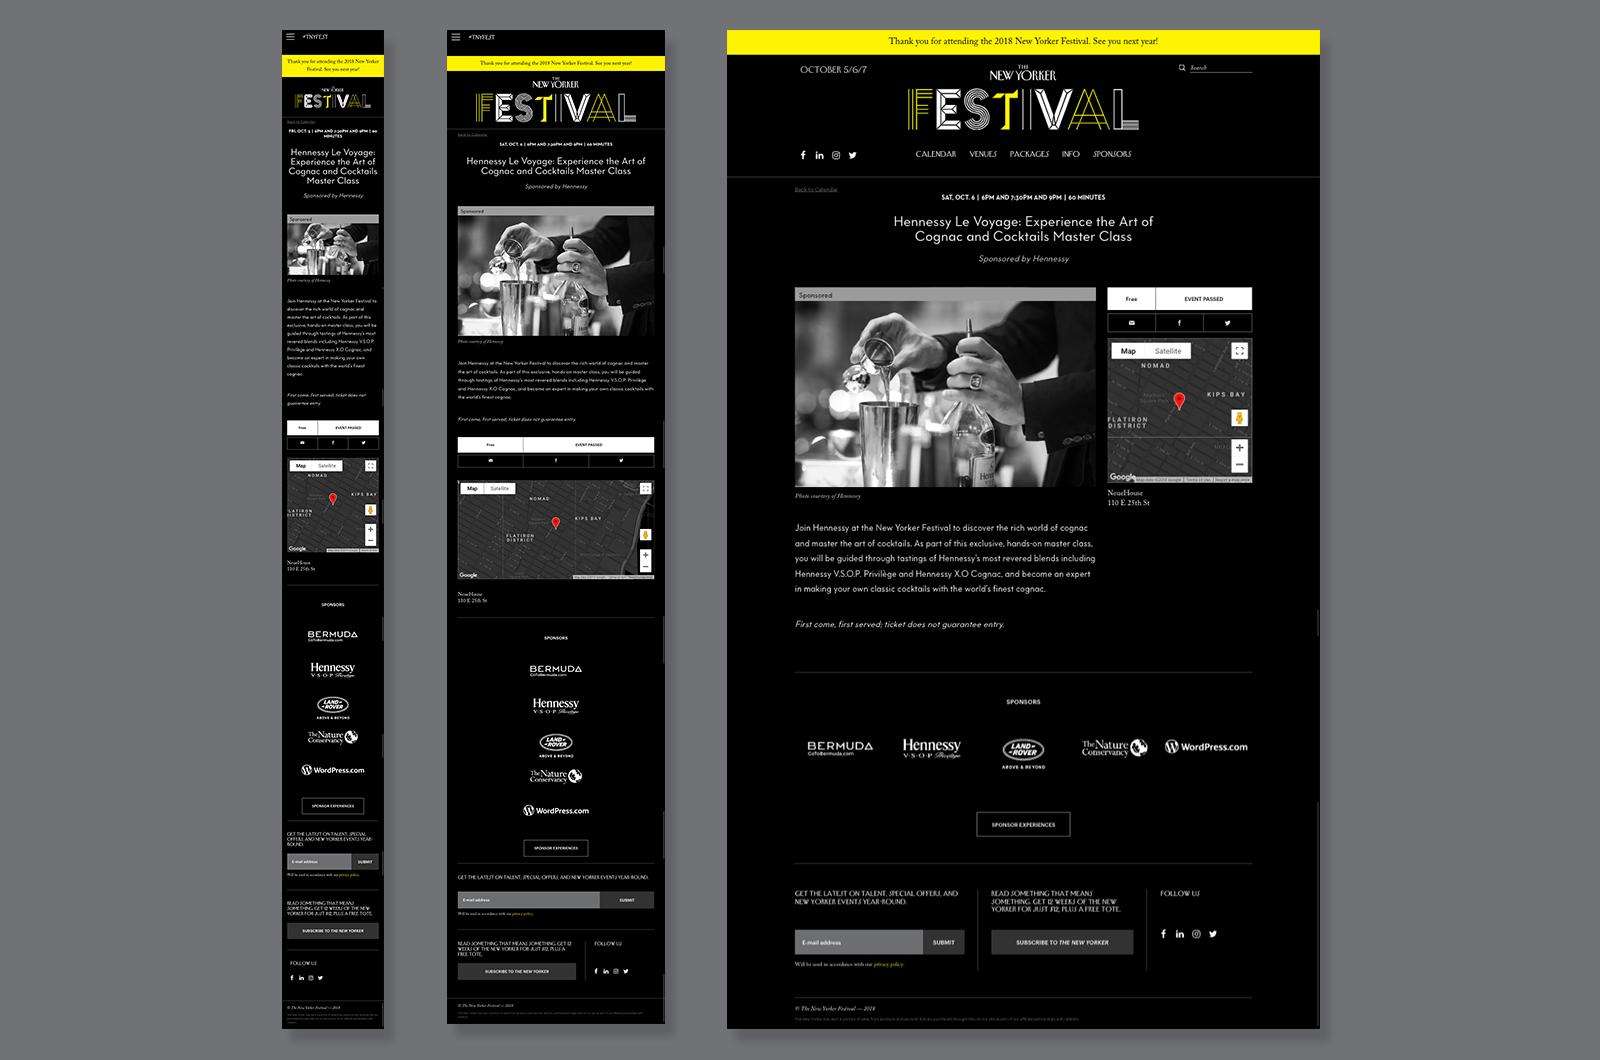 TNY_Fest_website_layout.jpg